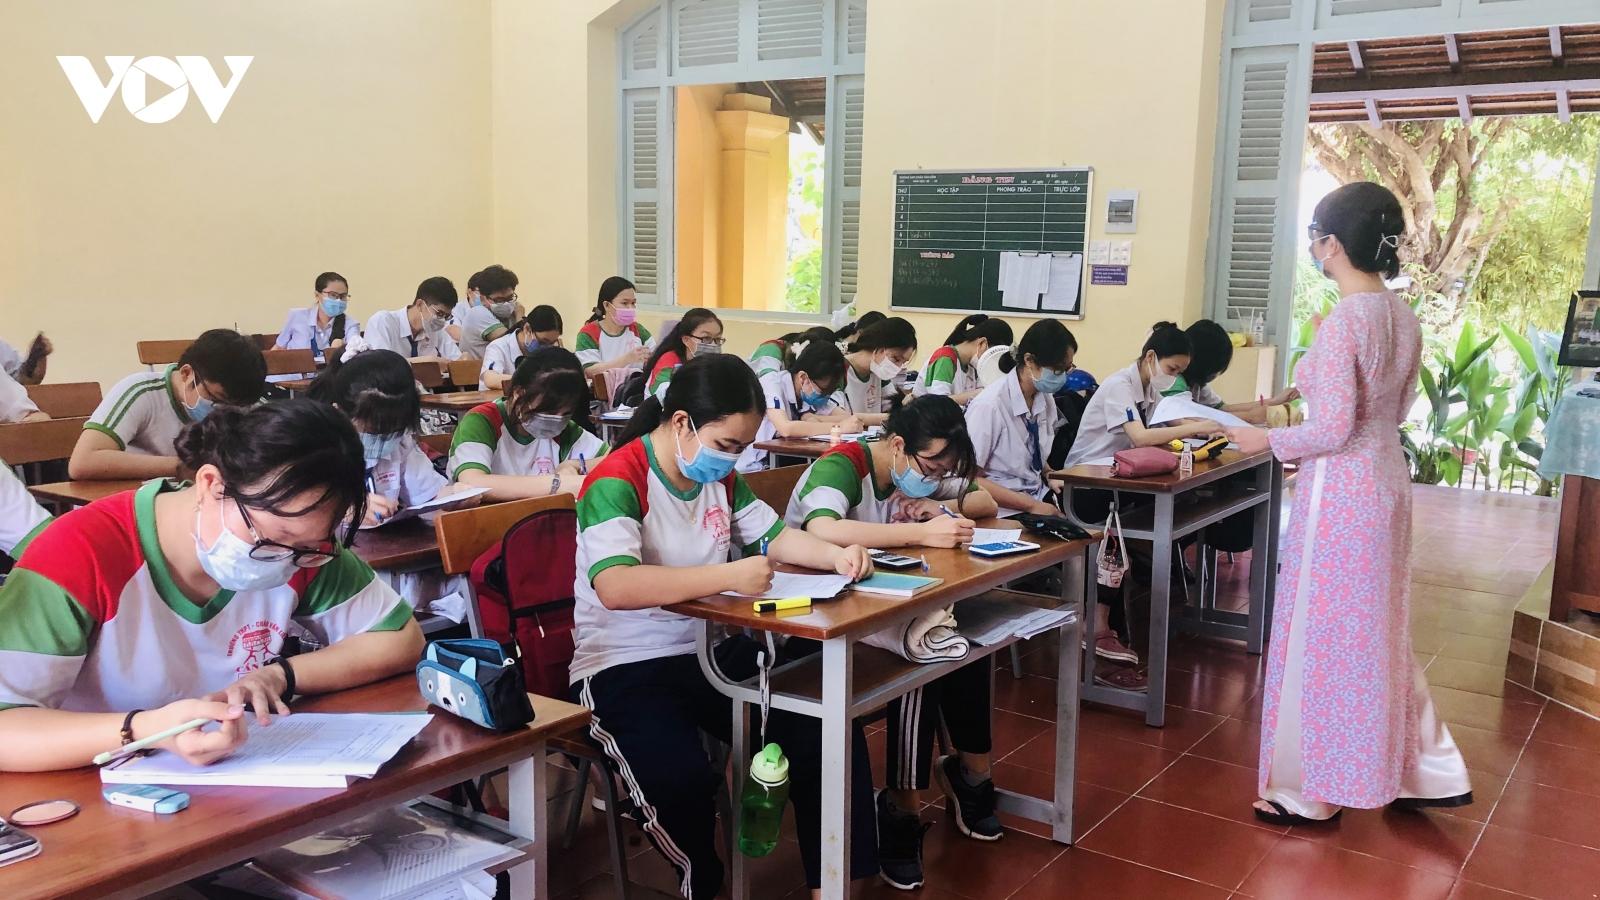 Cần Thơ trẻ học mầm non tiếp tục nghỉ, riêng lớp 9 và lớp 12 đến trường